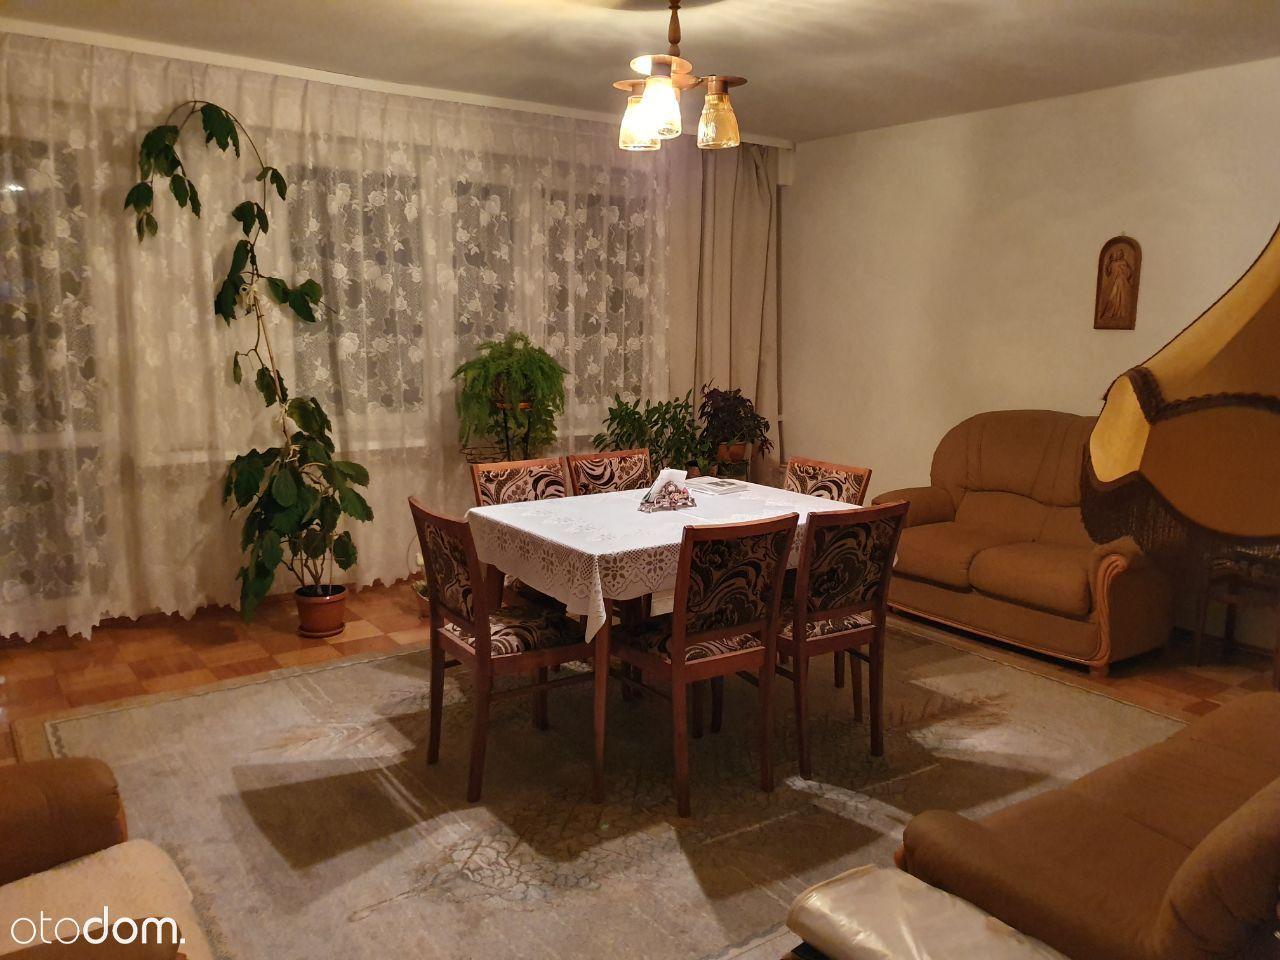 Mieszkanie - 60 m2 - 3 pokoje - duży balkon